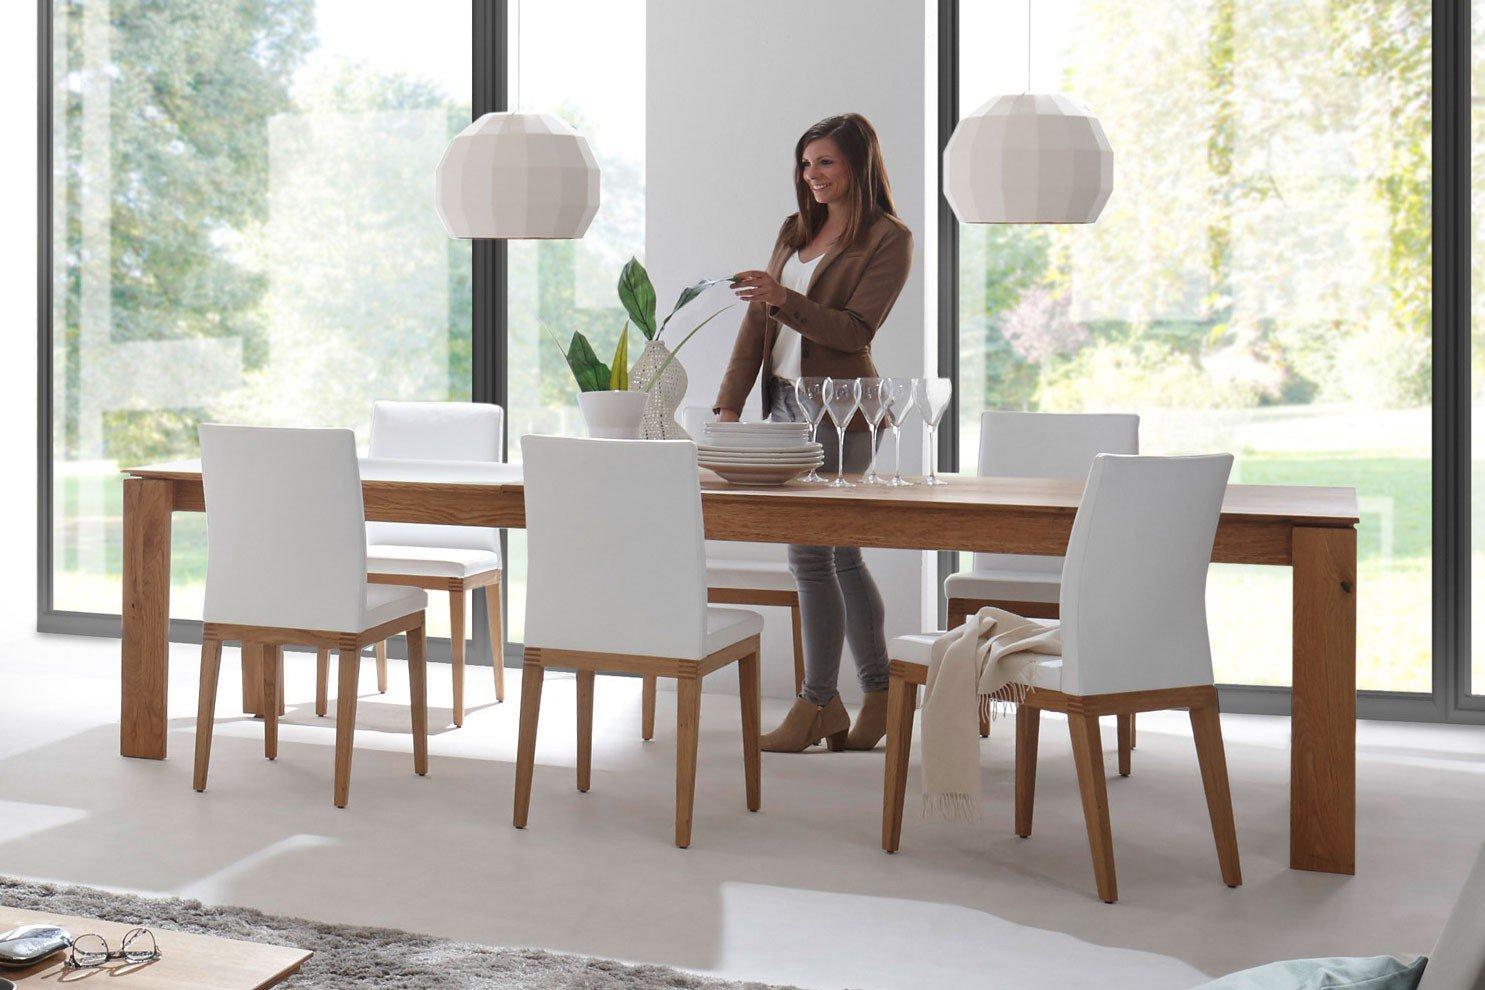 Decker Essgruppe Alivio Mit Ausziehtisch 4 Stühlen Möbel Letz